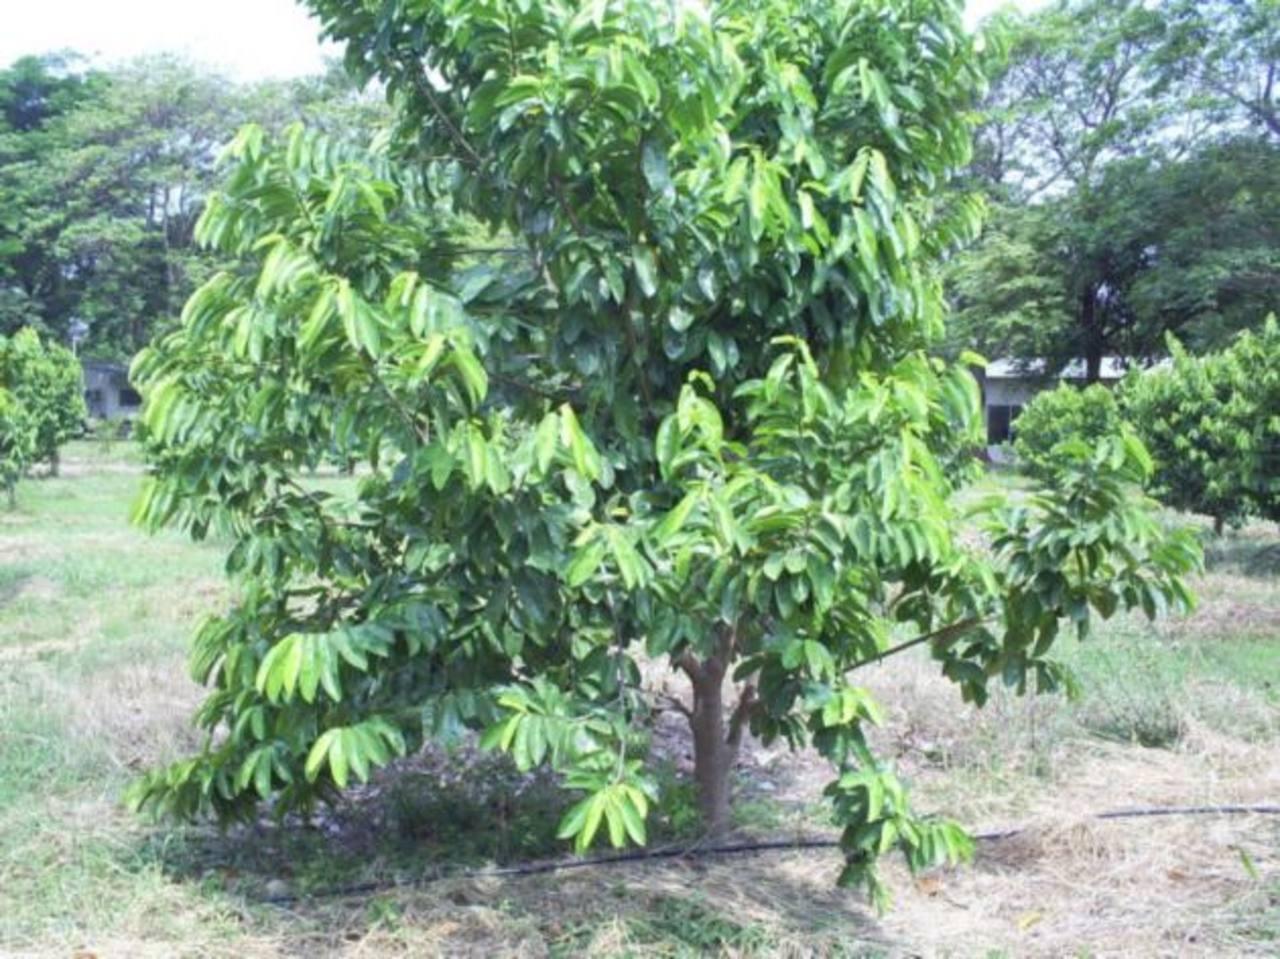 El guanabo es apetecido por su sabor y propiedades medicinales